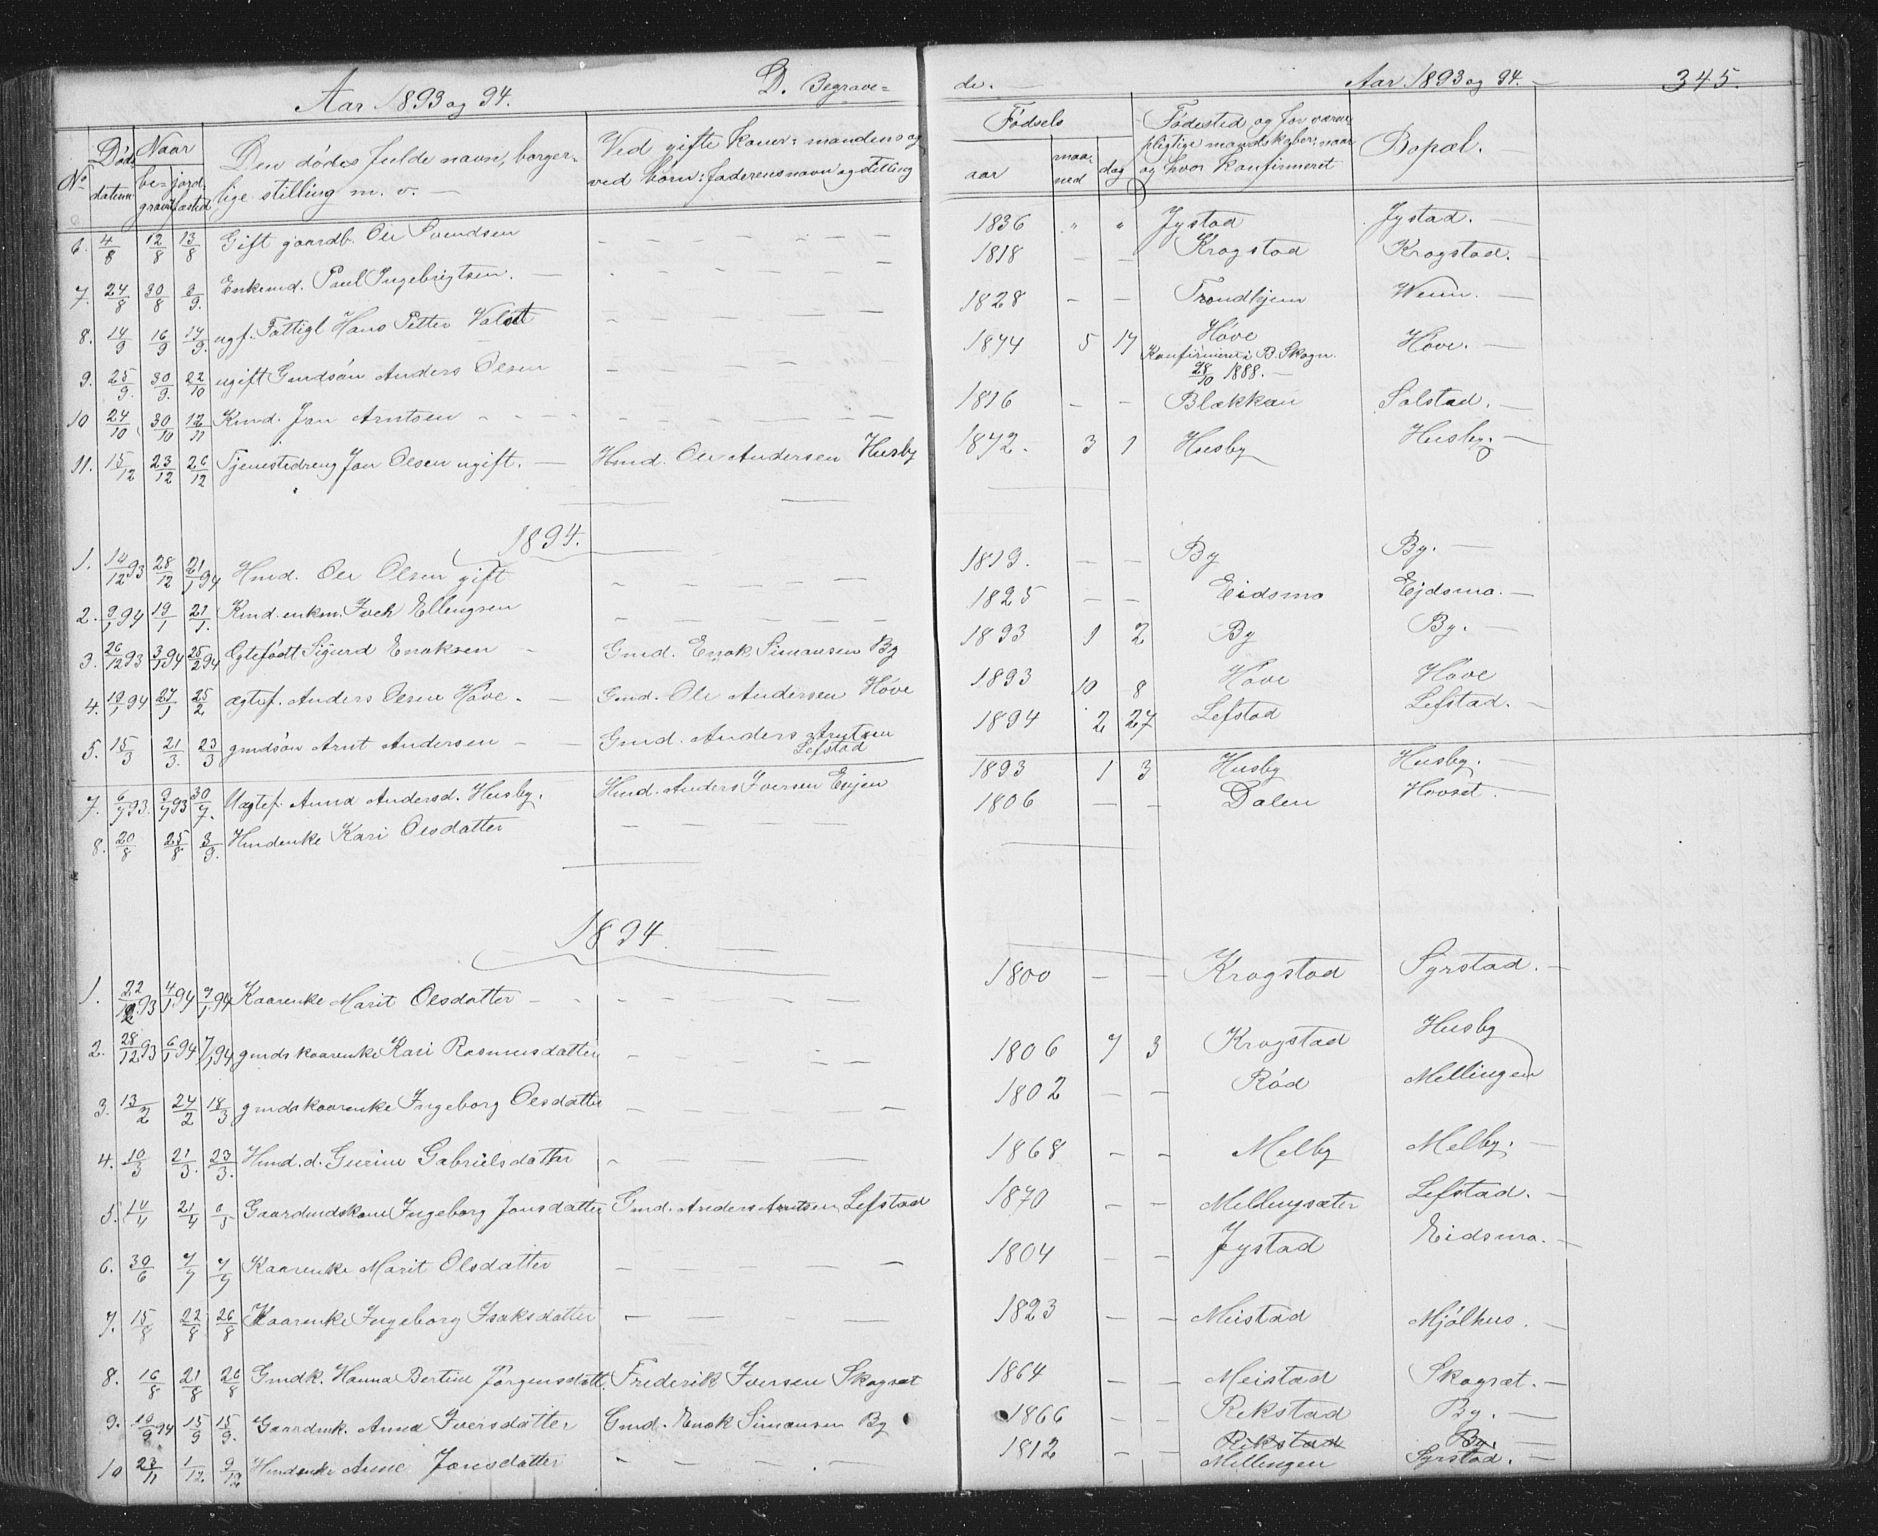 SAT, Ministerialprotokoller, klokkerbøker og fødselsregistre - Sør-Trøndelag, 667/L0798: Klokkerbok nr. 667C03, 1867-1929, s. 345